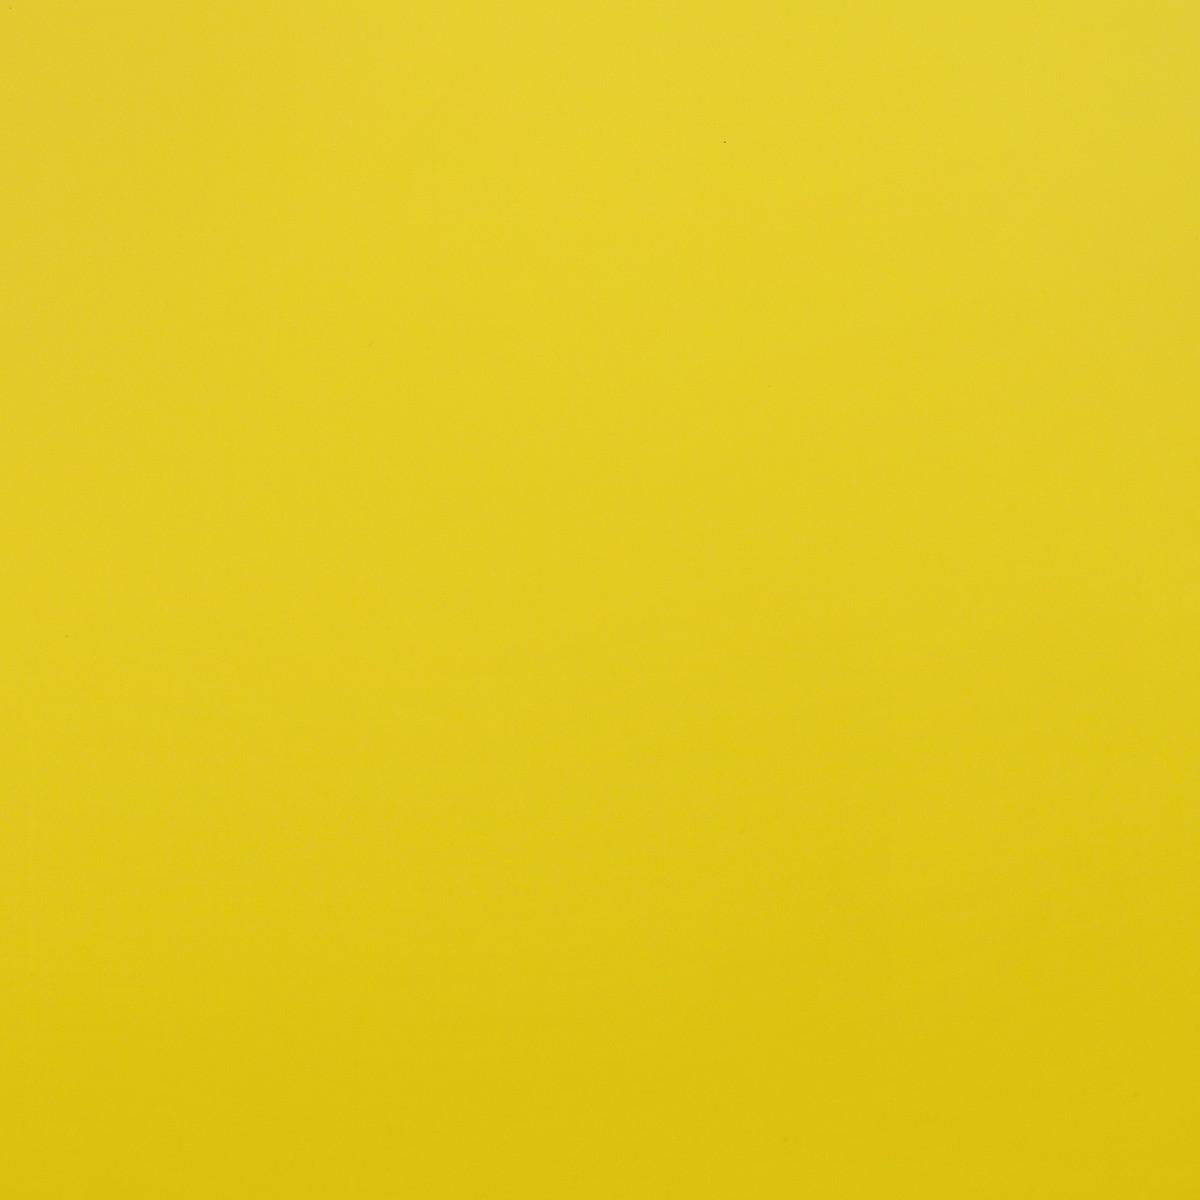 Столешница Анна 120х4х80 см ЛДСП/пластик цвет зеленый